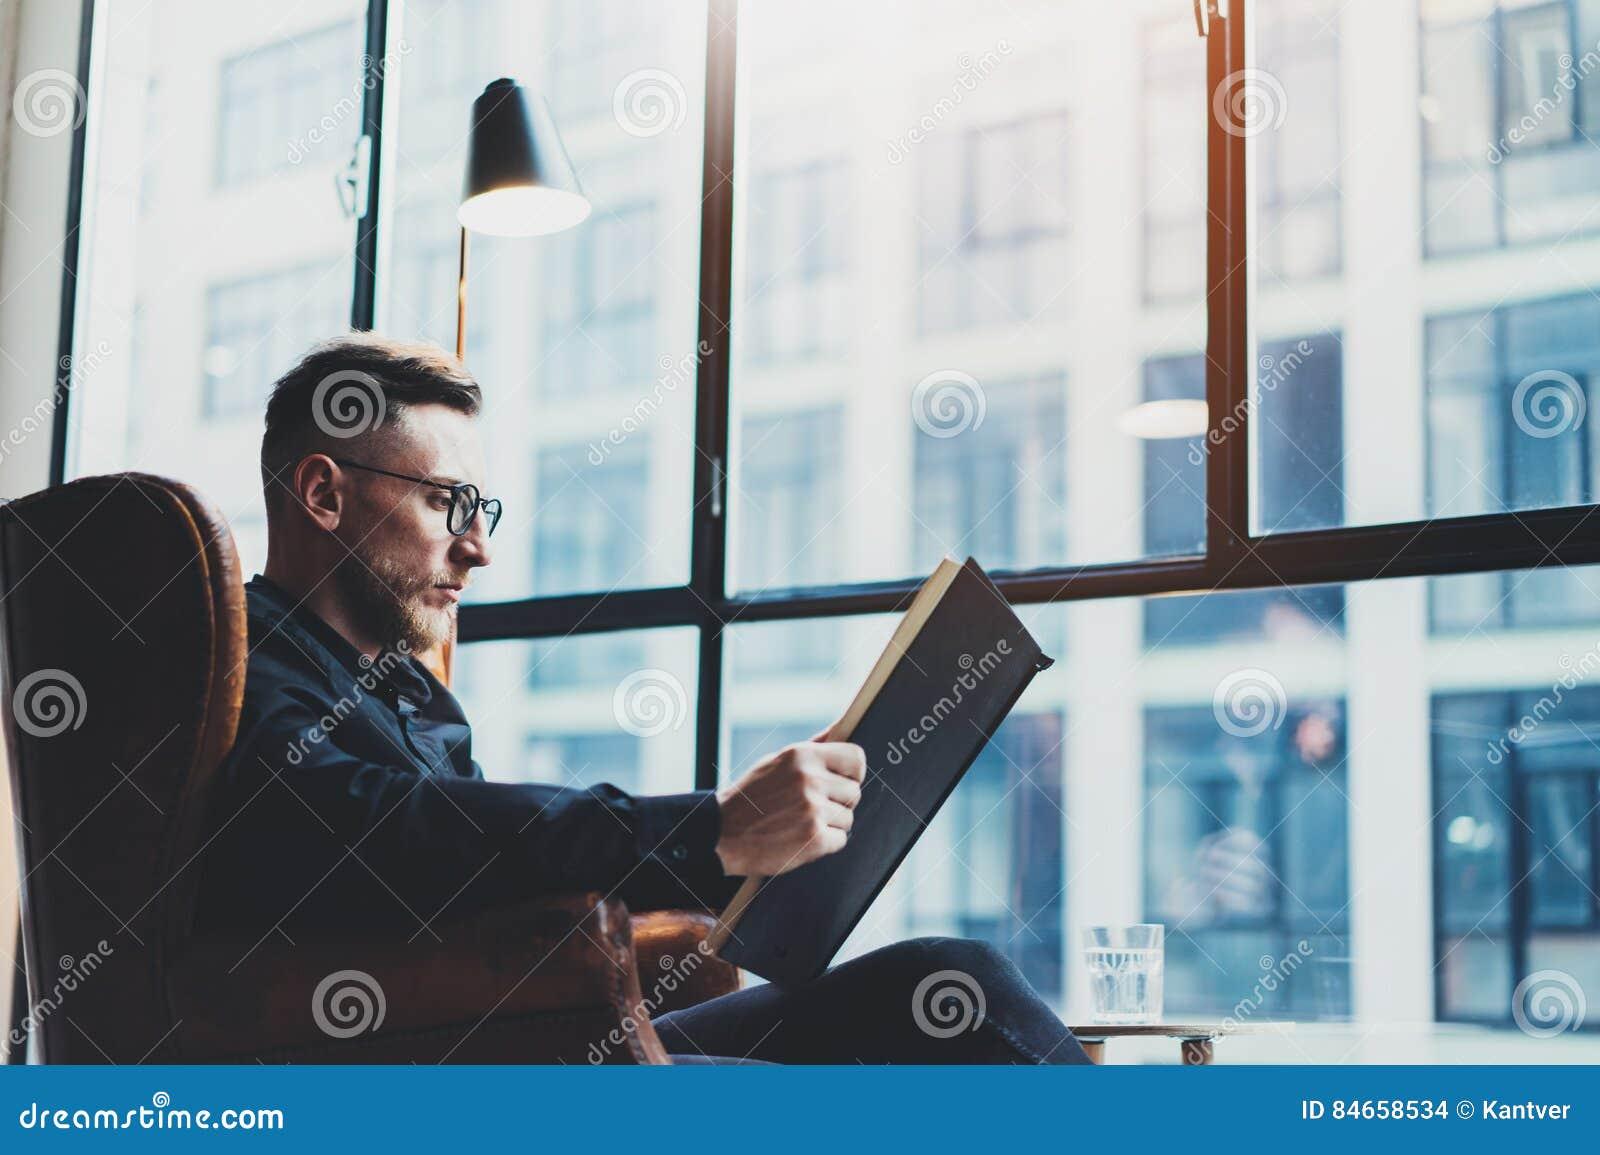 Noir impression caisson verre angle probleme scandina chaise bois